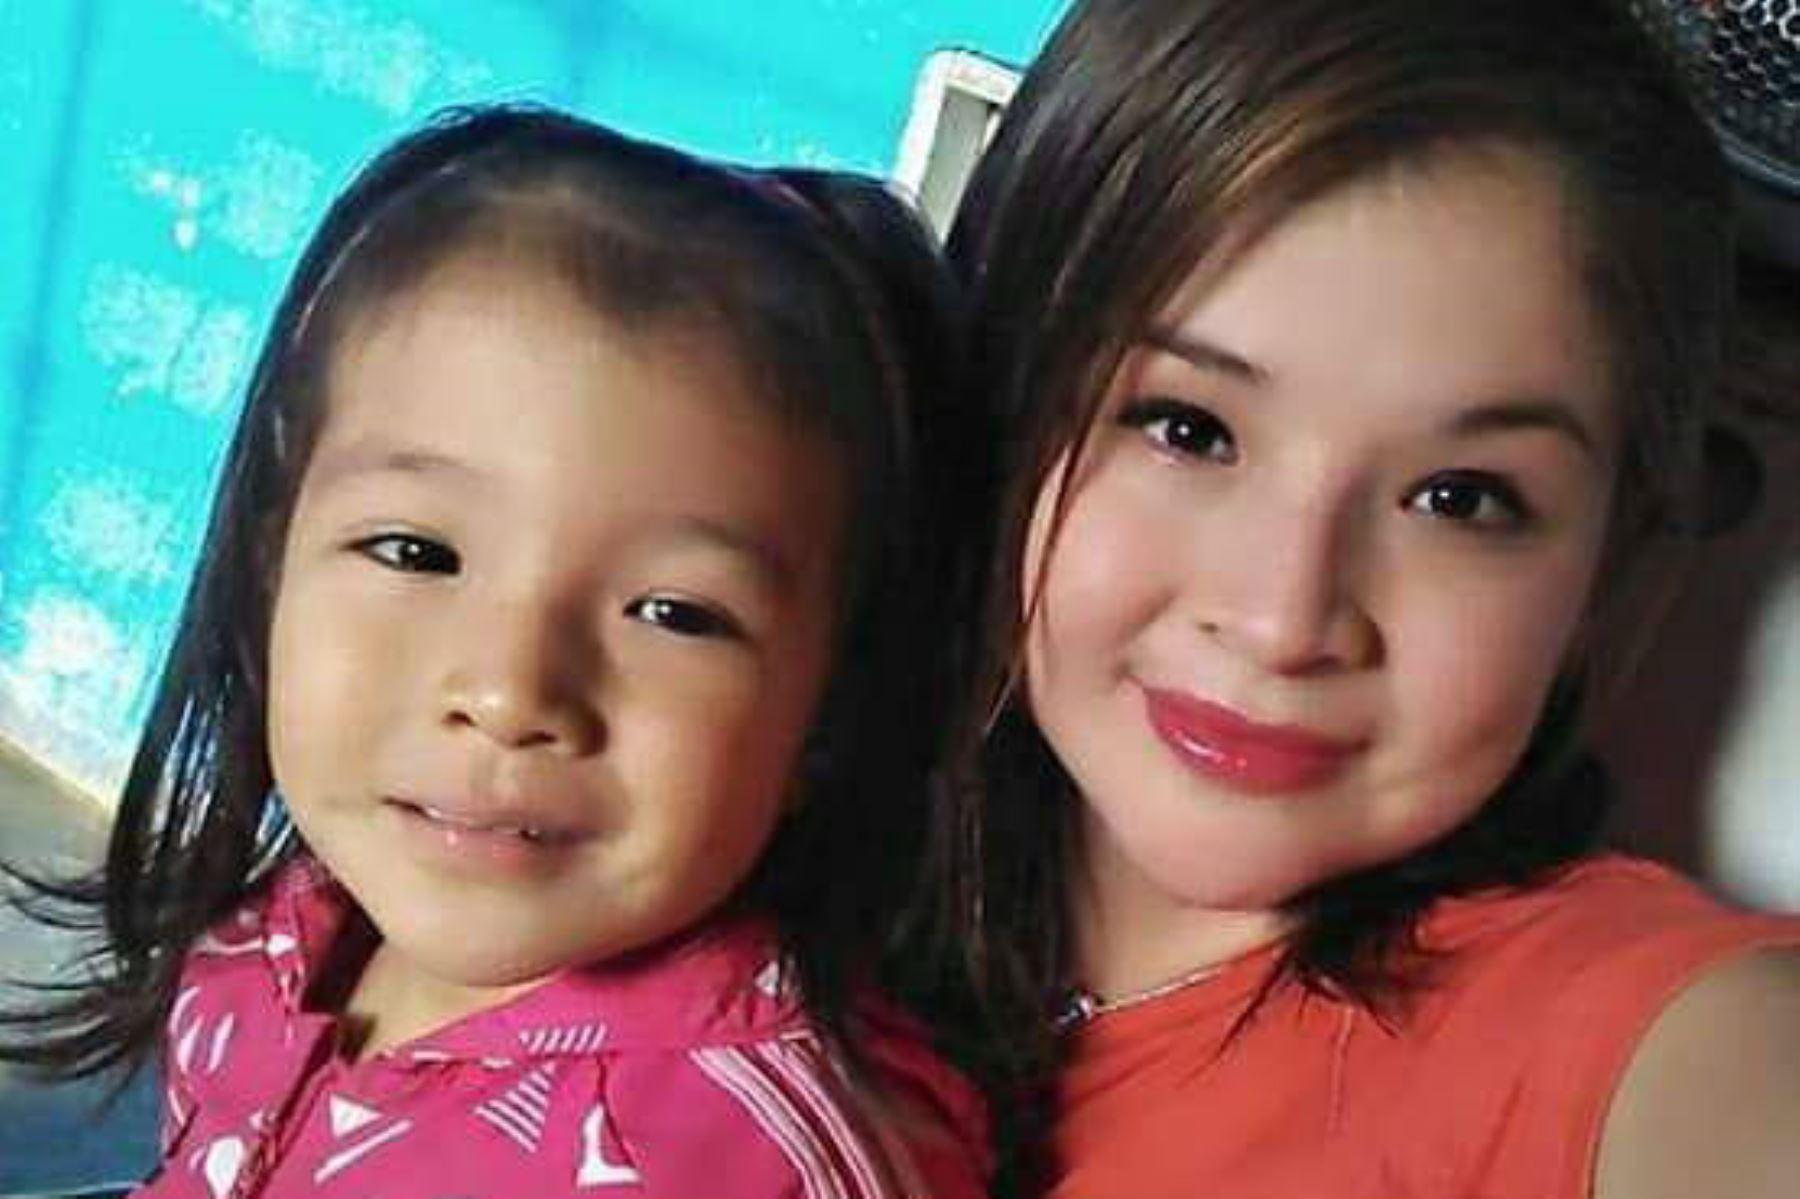 Intensifican Búsqueda De Madre E Hija Desaparecidas Hace 10 Días En